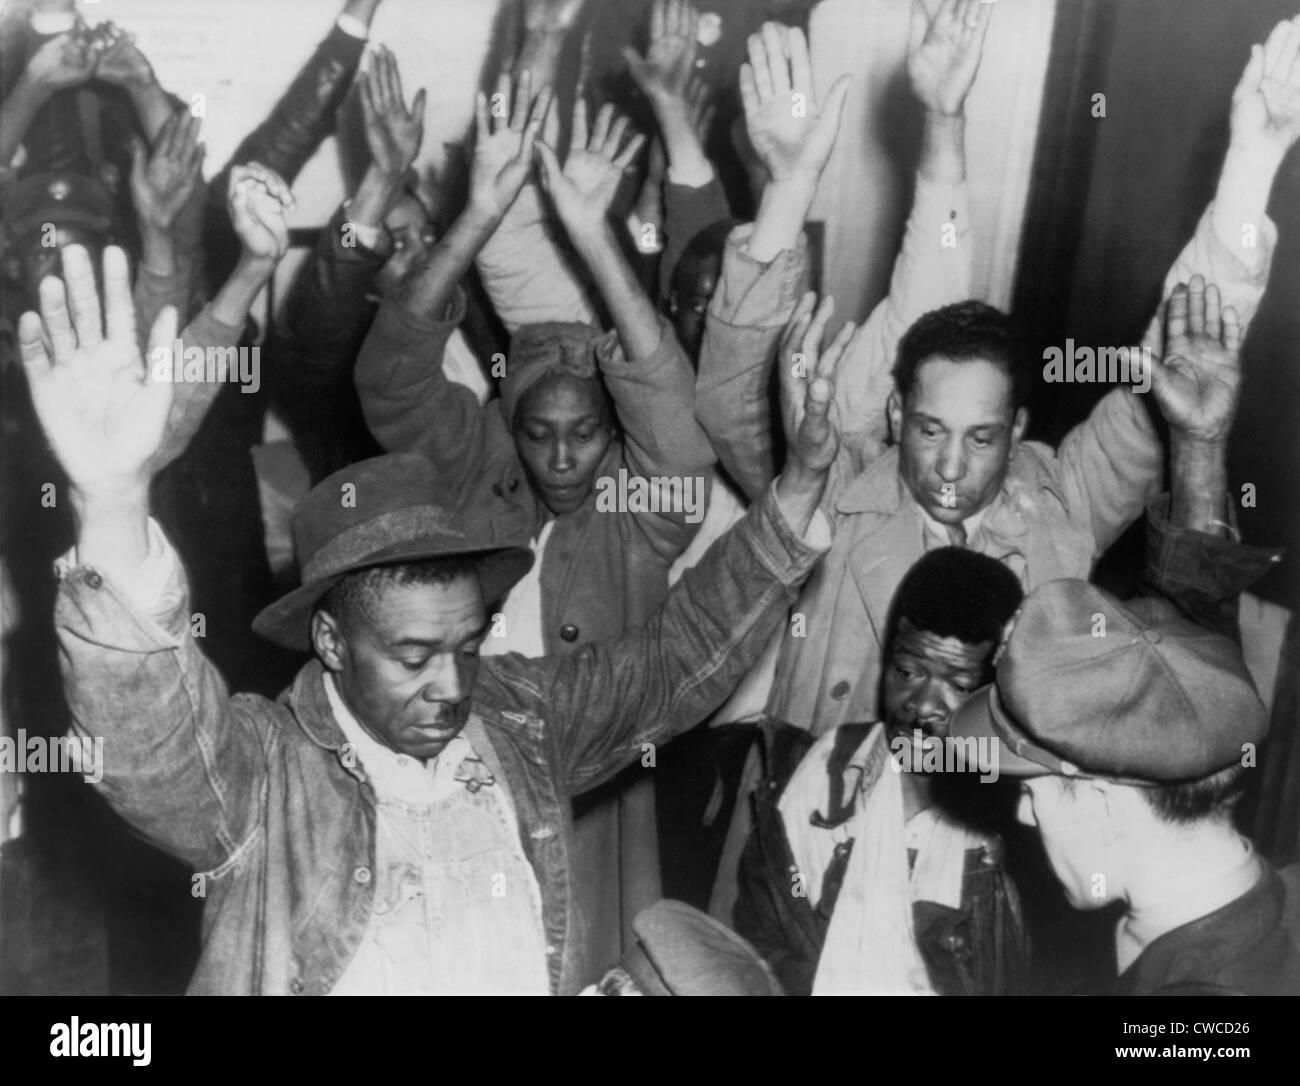 Staatliche Autobahn Wilderer suchen Gruppe Neger während Ausschreitungen am 26. Februar 1946 verhaftet. Der Stockbild